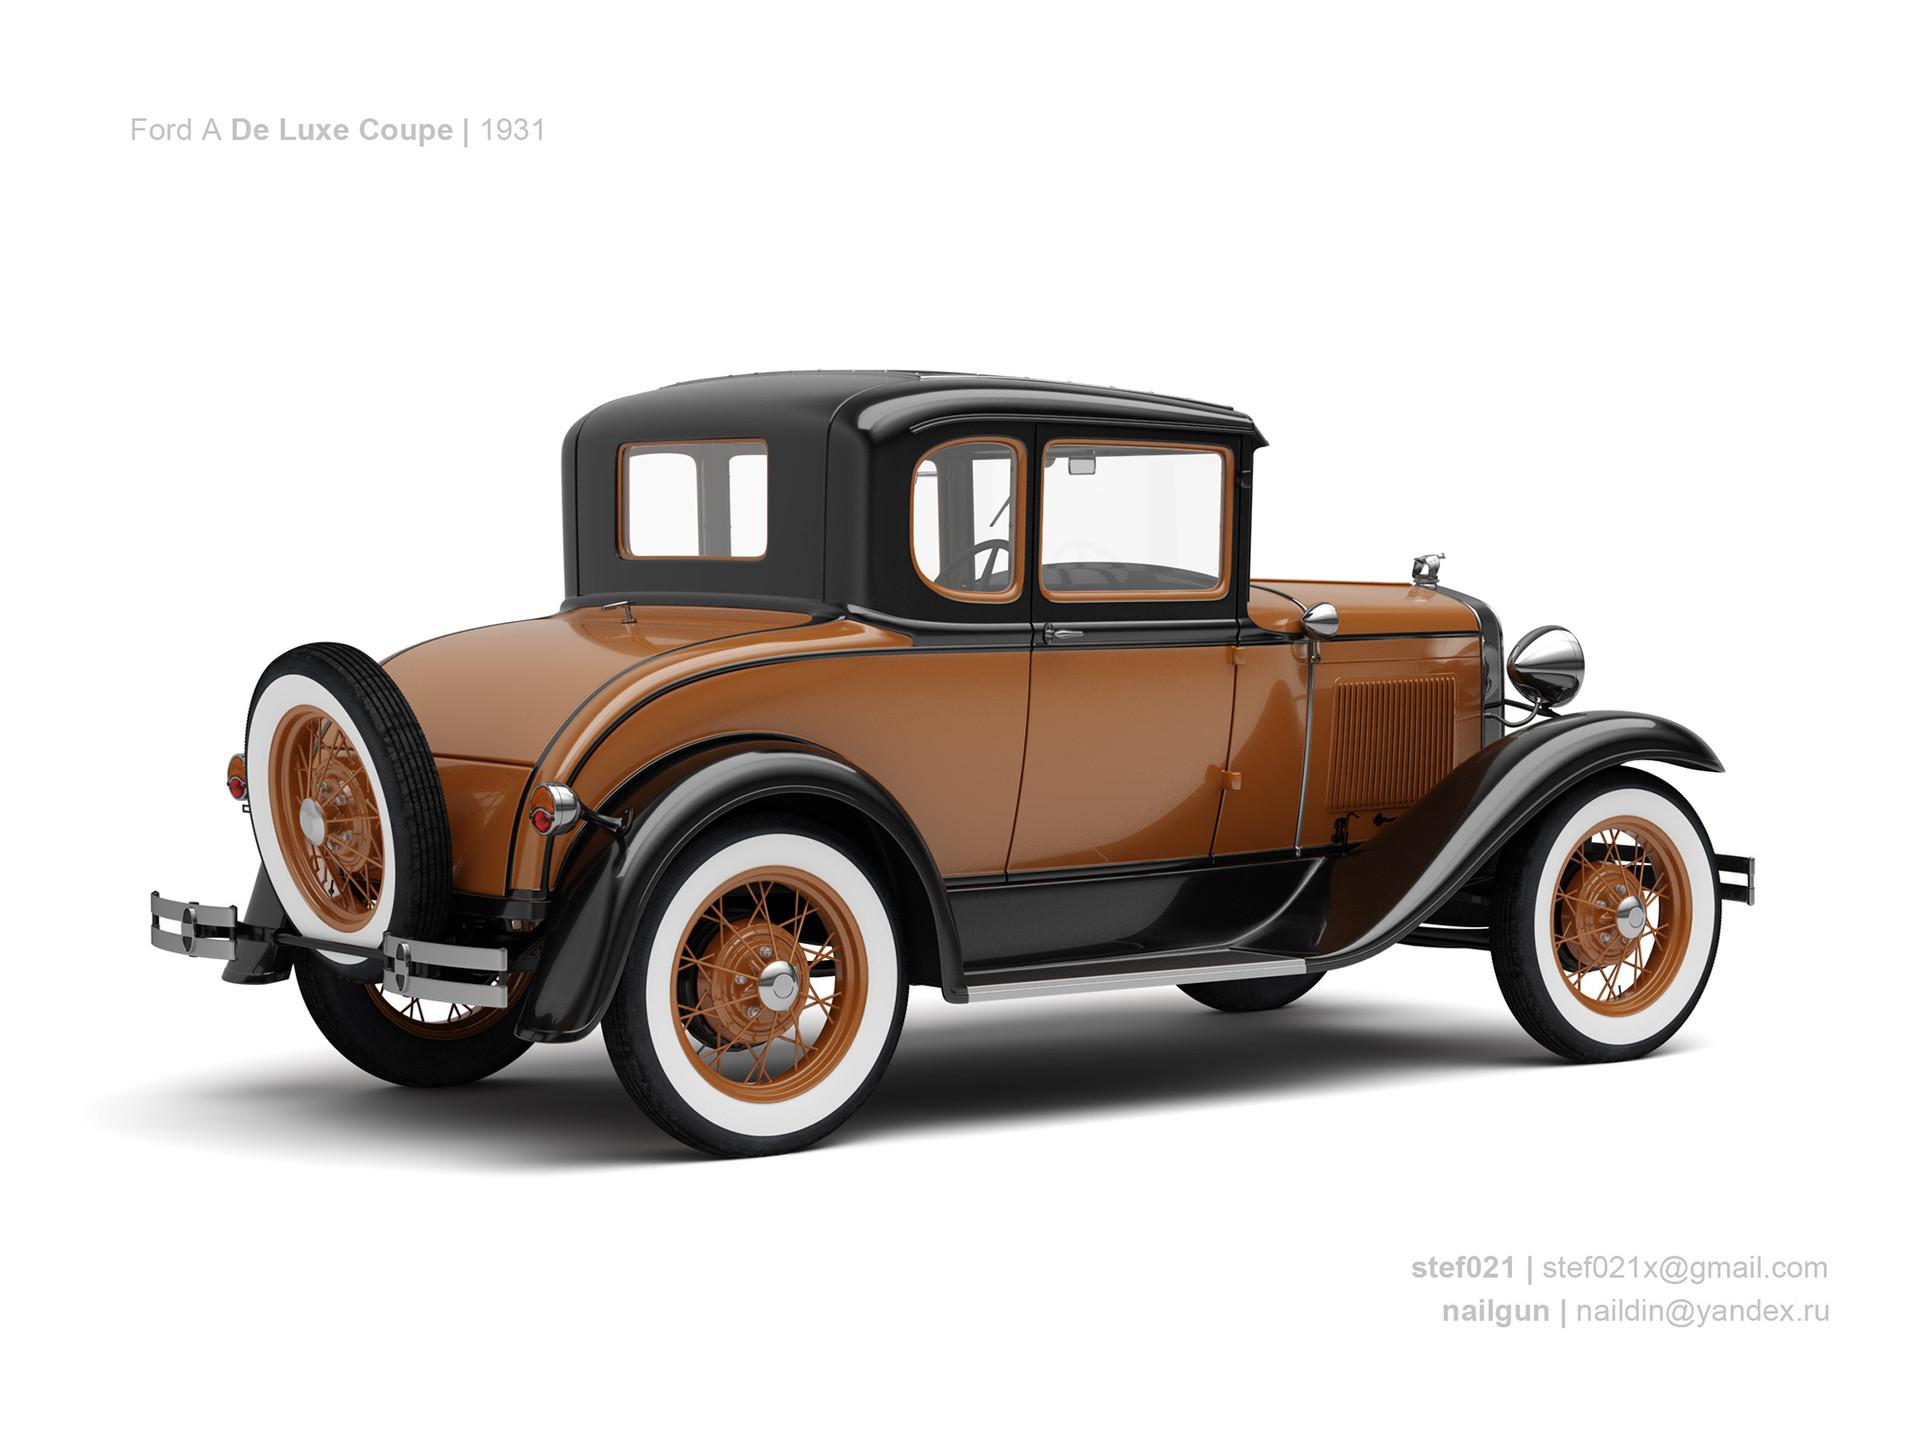 Nail khusnutdinov usa ford a de luxe coupe 1931 1